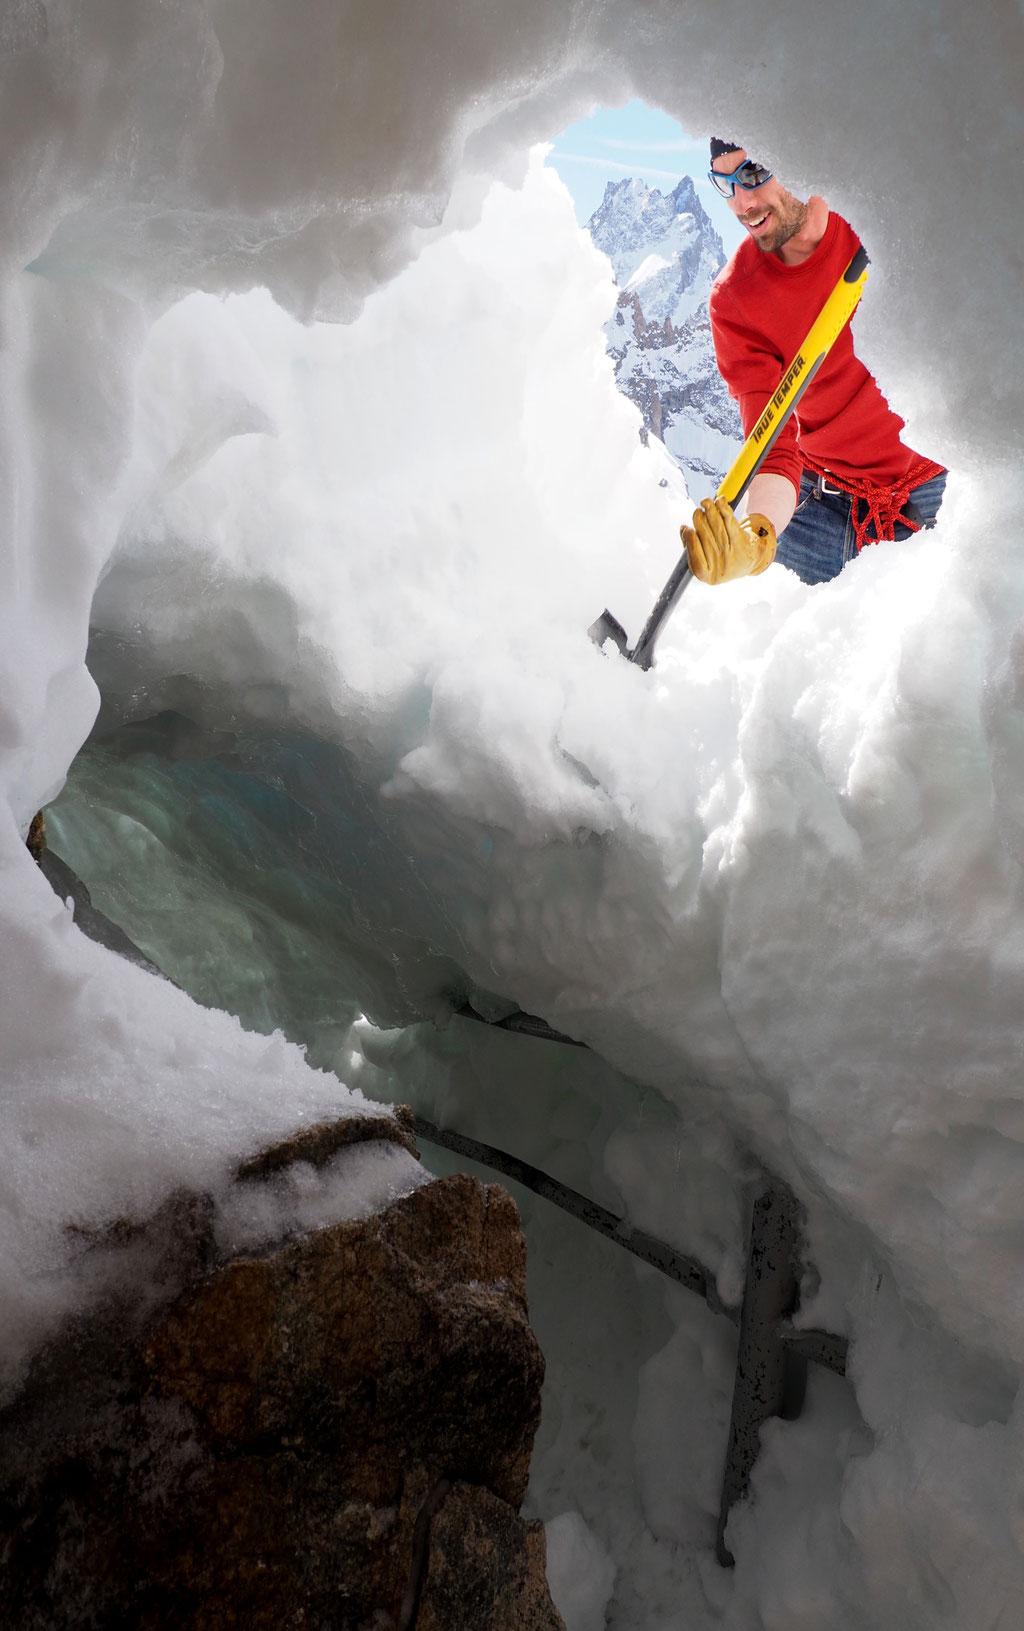 20 jours après avoir creusé ce tunnel de 11 mètres, nous avons préféré le faire tomber. Avec la chaleur il commençait à s'affaisser...